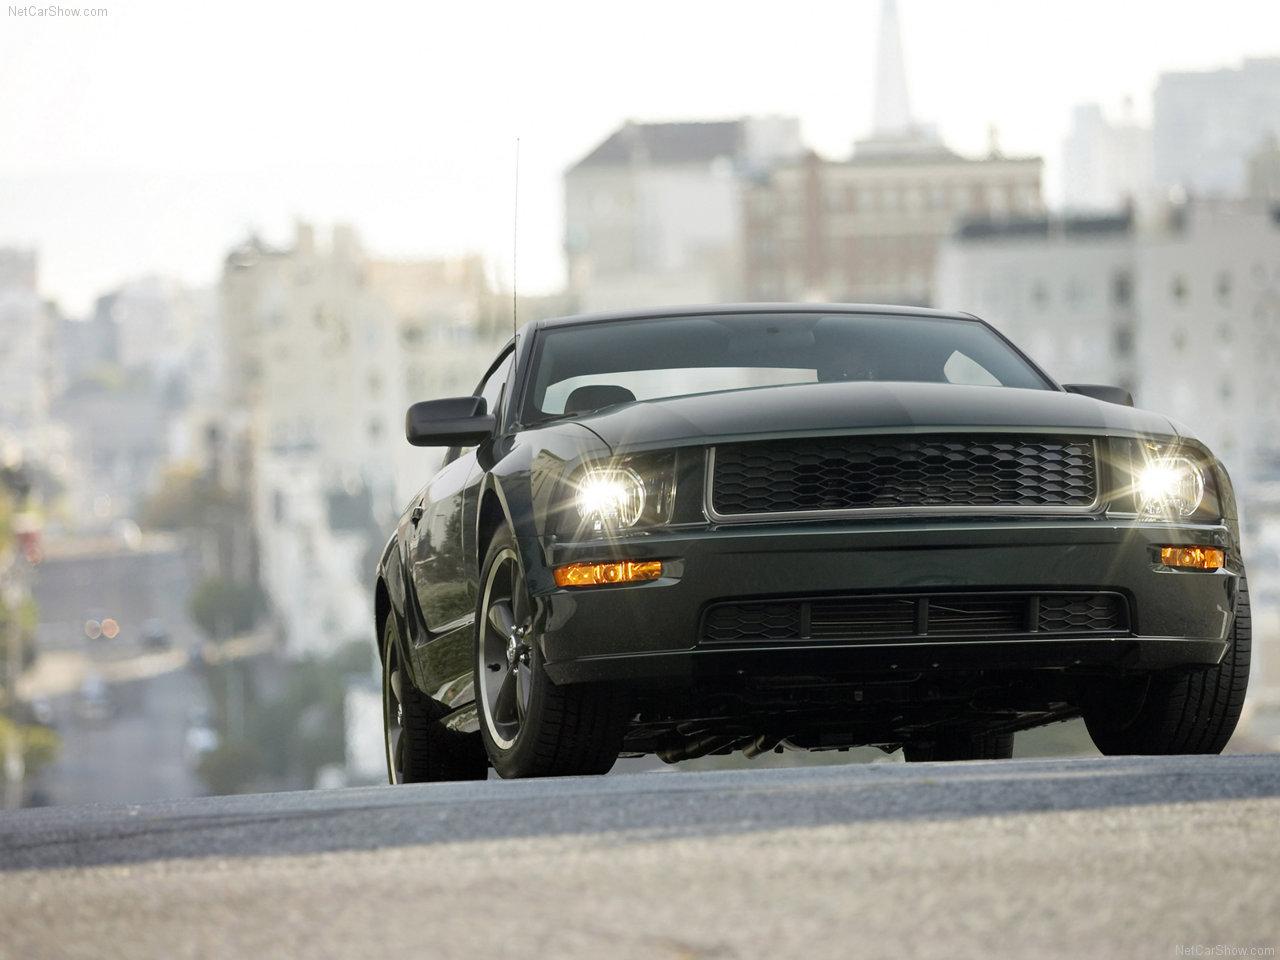 http://2.bp.blogspot.com/-WMwVnfspQio/TXjL-FMHOxI/AAAAAAAAE_Y/OyNdKJ1l4gs/s1600/Ford-Mustang_Bullitt_2008_1280x960_wallpaper_03.jpg